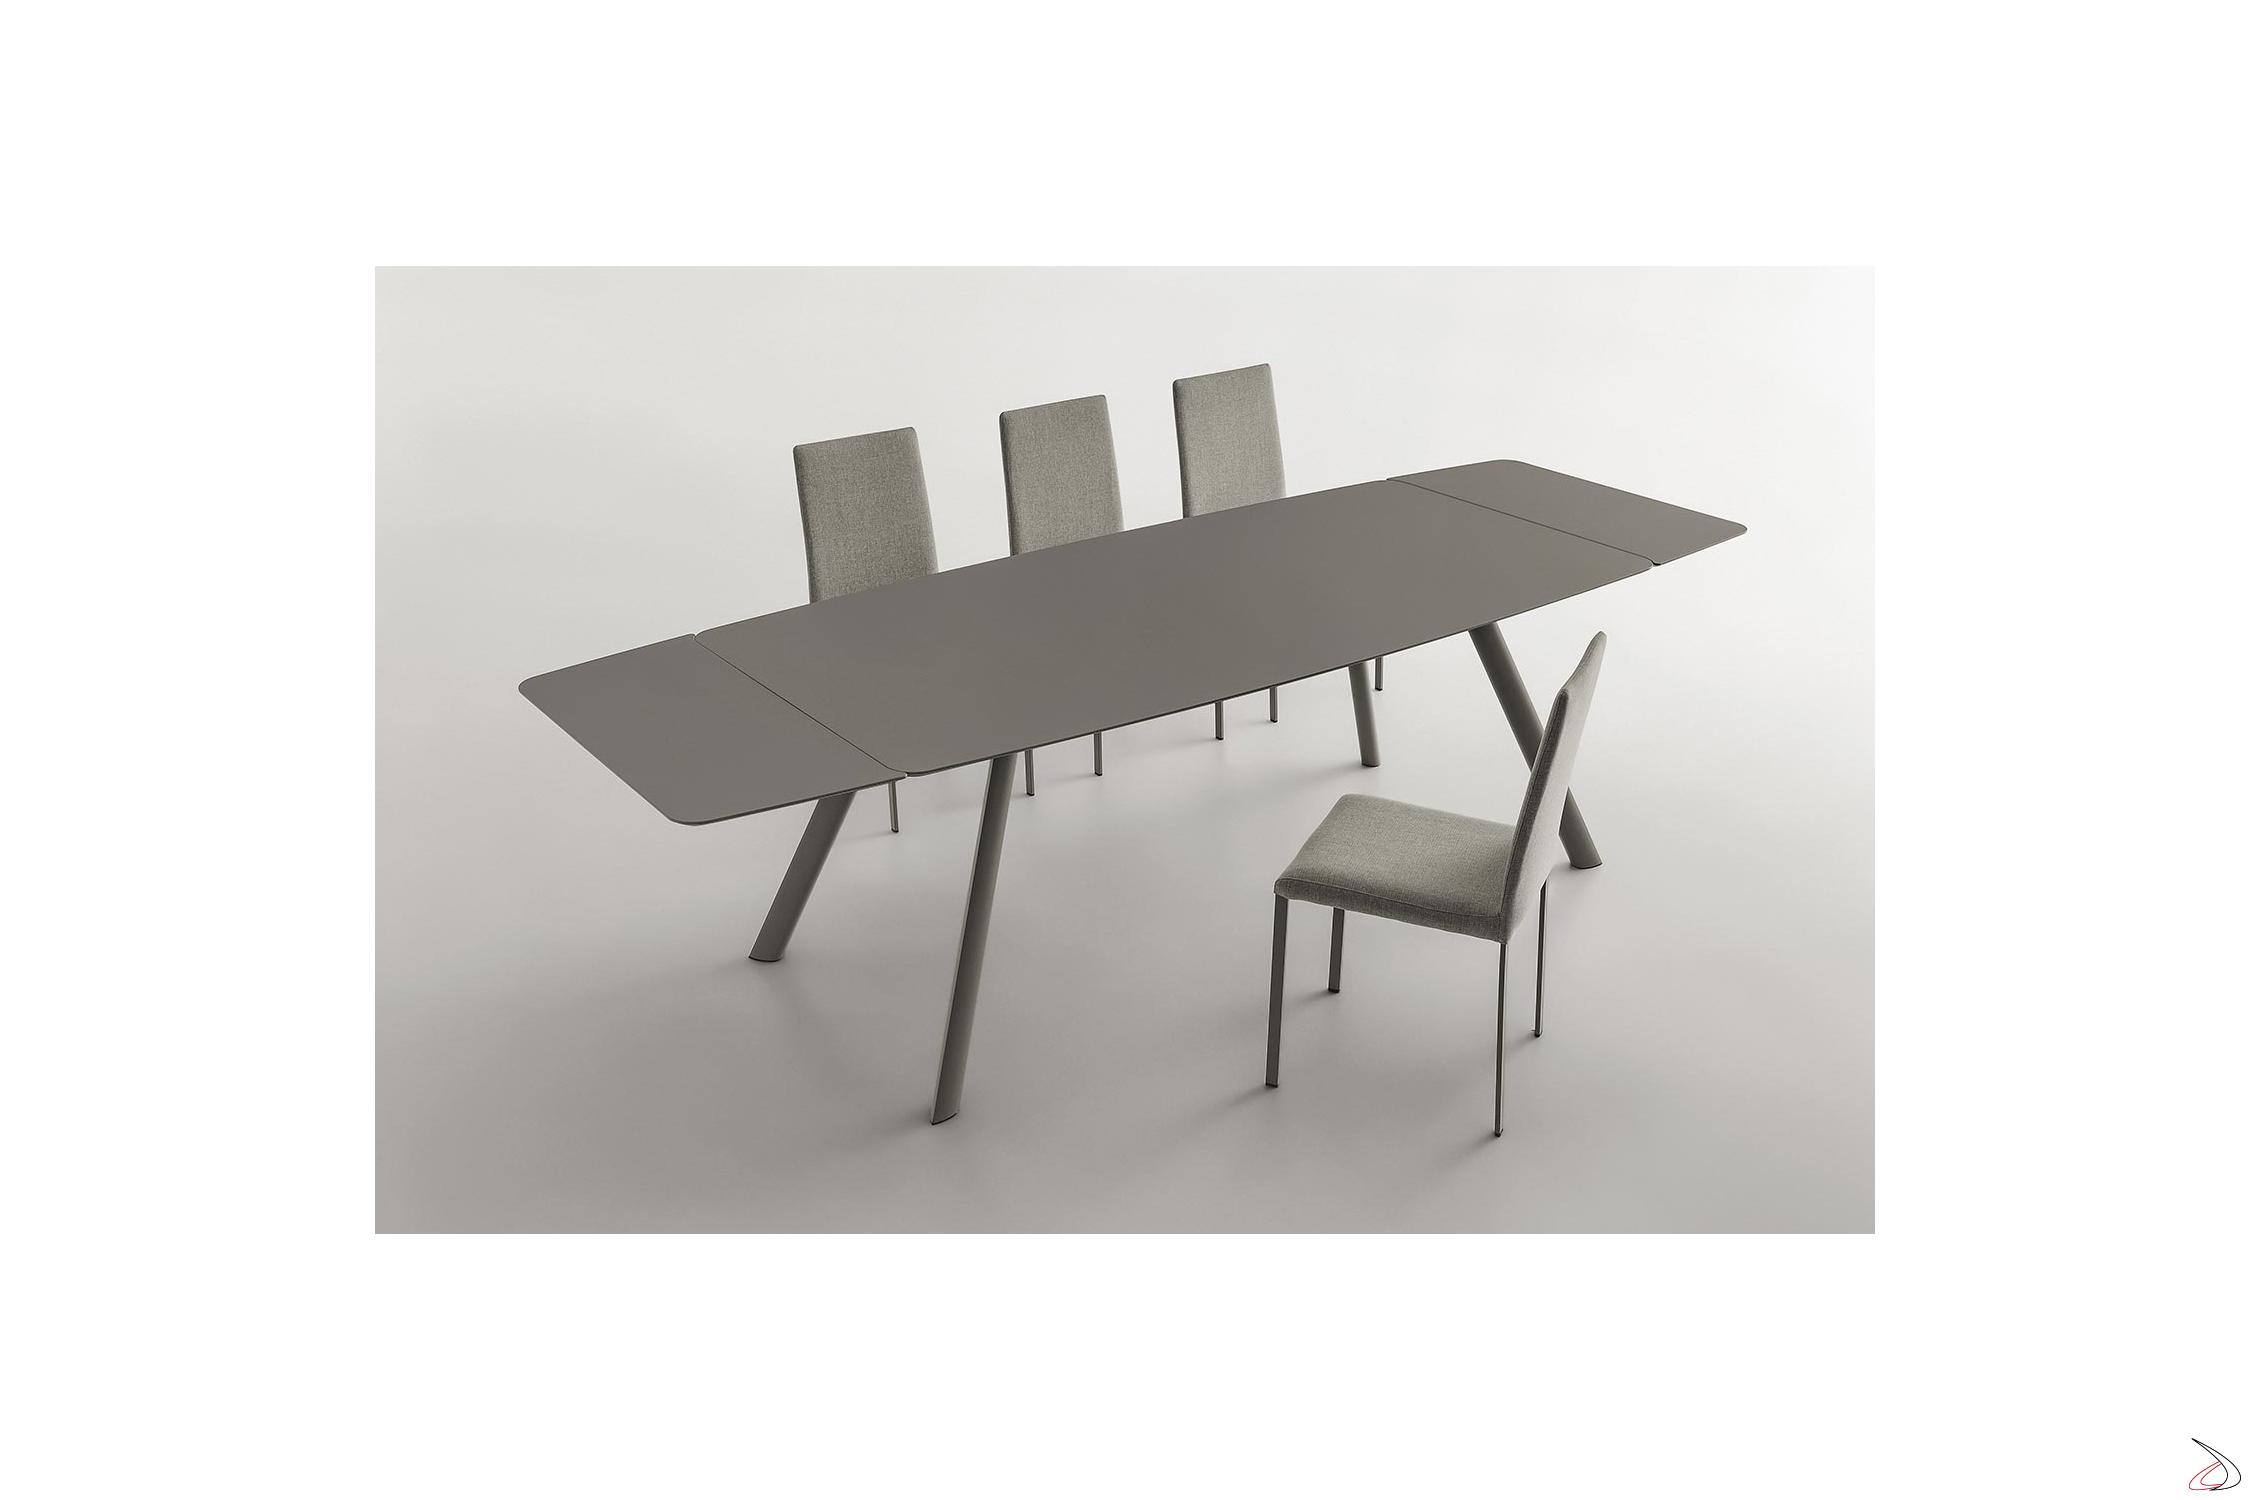 Gambe Per Tavoli In Alluminio.Tavolo Allungabile Con Gambe In Alluminio Nippo Toparredi